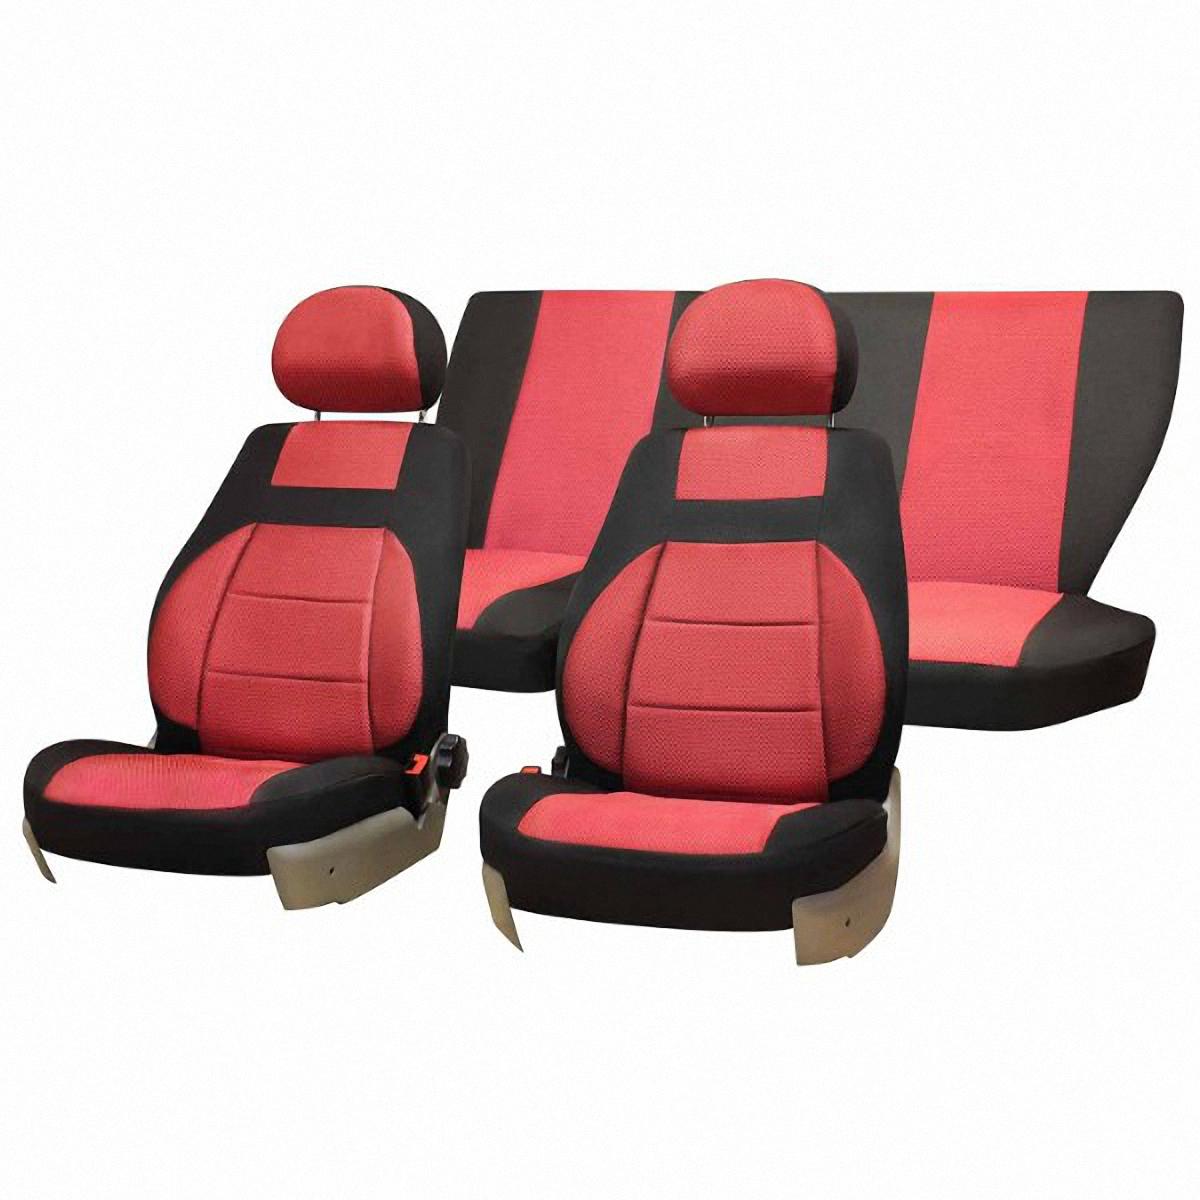 Чехол на сиденье Skyway ВАЗ-2107, 6 шт. V012-D3V012-D3Комплект чехлов на сиденья Skyway соответствуют всем современным технологиям, практичны, имеют свой неповторимый стиль и совершенно легки в установке. Защитят салон вашего автомобиля от загрязнений.Чехлы изготовлены точно по лекалам завода-изготовителя,учтены все технологические особенности автомобиля.Модельные чехлы плотно облегают сиденья,не имеют морщин и складок при установке.При производстве чехлов используются современные, практические, износоустойчивые материалы высокого качества.В спинках передних кресел — большие вместительные карманы, снабженные эластичной лентой, предотвращающей деформацию в процессе использования.Все швы, внутренние и внешние, а также технологические отверстия, обработаны на оверлоке. Специально разработанная система креплений позволяет надежно зафиксировать изделие, идеально повторяя контуры оригинальных сидений.Триплирование поролоном толщиной 2 мм обеспечивает сохранность цвета, фактуры и формы в процессе длительной эксплуатации. Средние детали в спинках и сиденьях передних кресел дополнены поролоном толщиной 1 см, обеспечивающих дополнительную анатомическую поддержку.Характеристики:Для автомобилей - ВАЗ-2107Материал -ЖаккардЦвет-КрасныйСхема надевания -раздельнаяКрепления - универсальныеПоролон - 2 ммКоличество предметов-6штКомплектация: Передний ряд:Спинка - 2 шт.Сиденье - 2 шт.Задний ряд:Спинка - 1 шт.Сиденье - 1 шт.